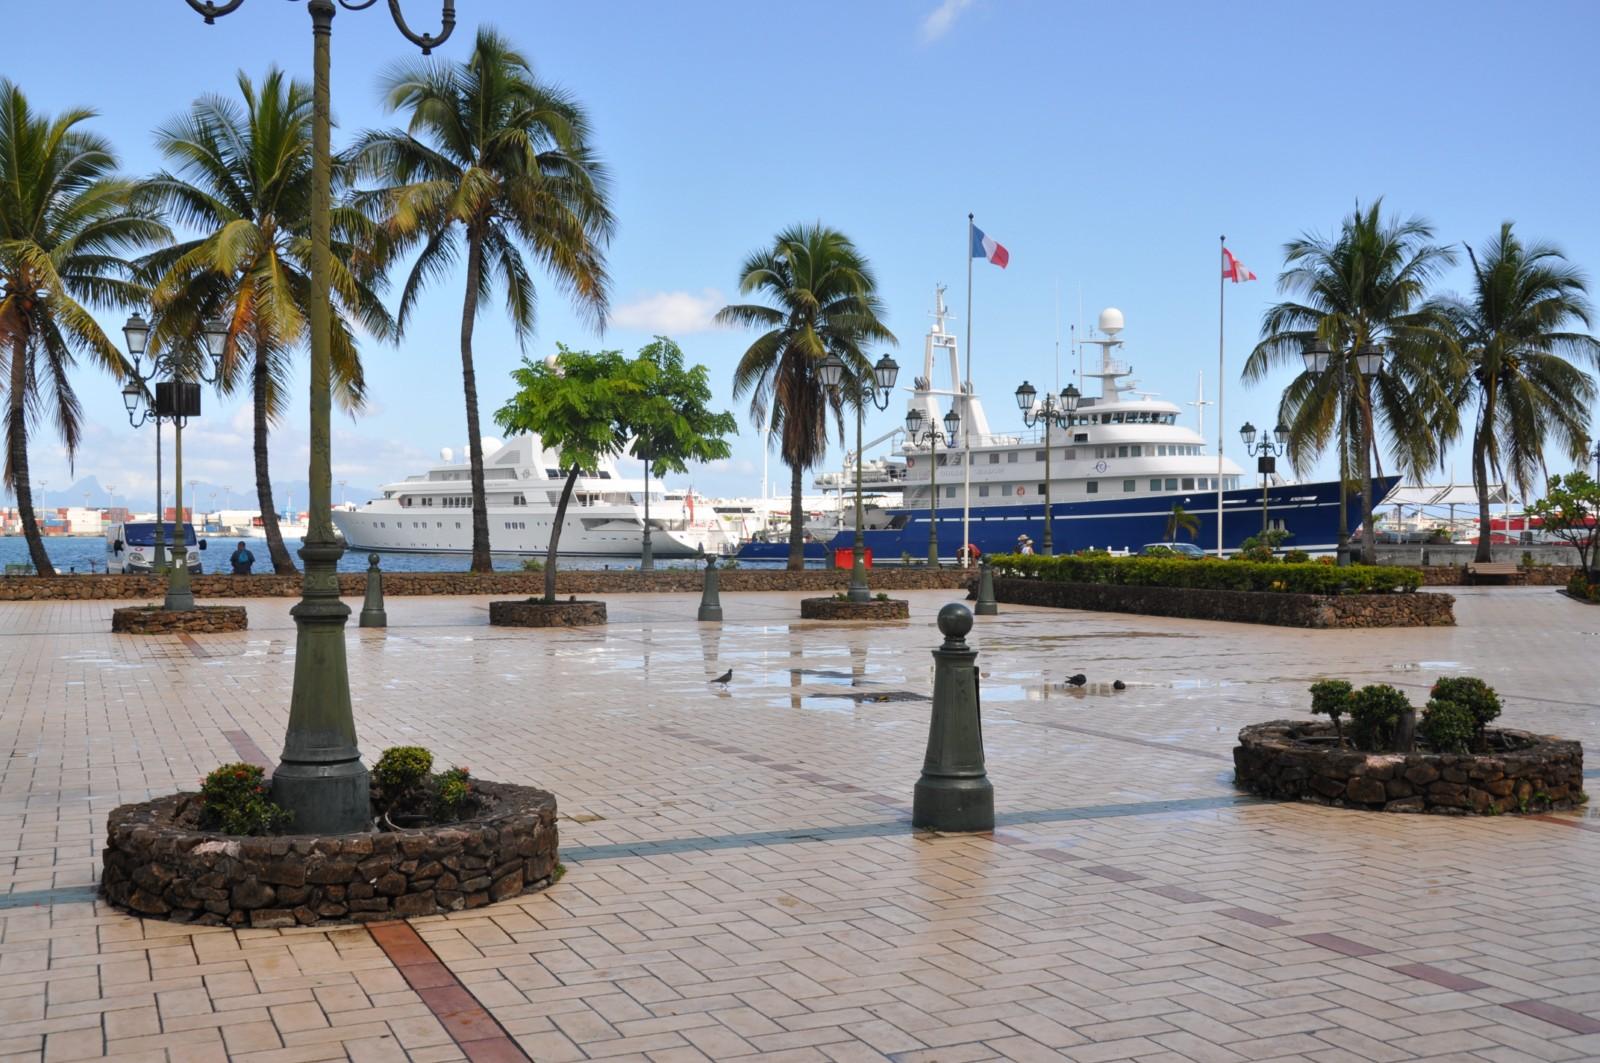 Les Hotels De St Ouen Avenue Du Capitaine Glanier